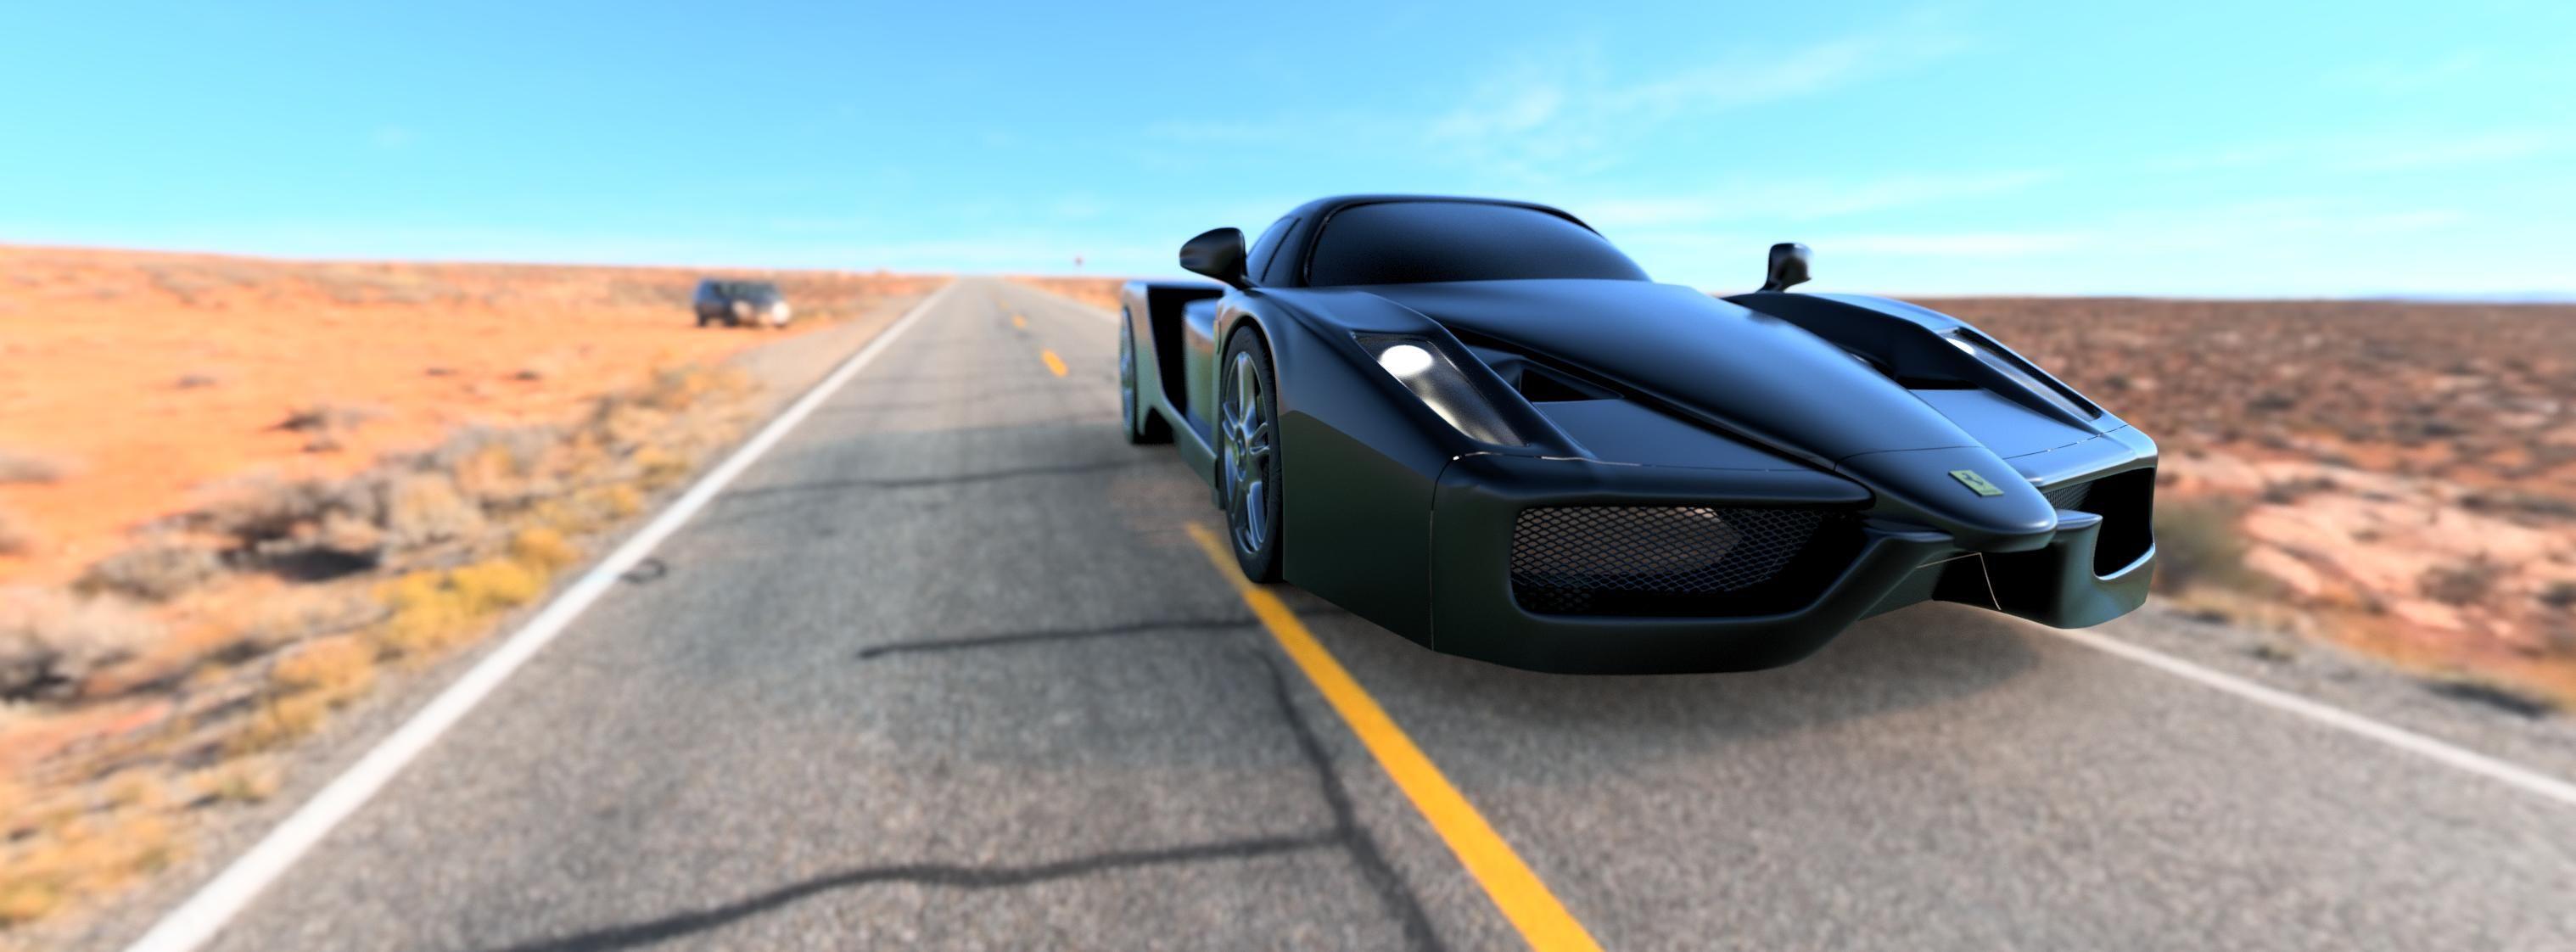 Ferrari-enzo-black-desert-road-2-3500-3500